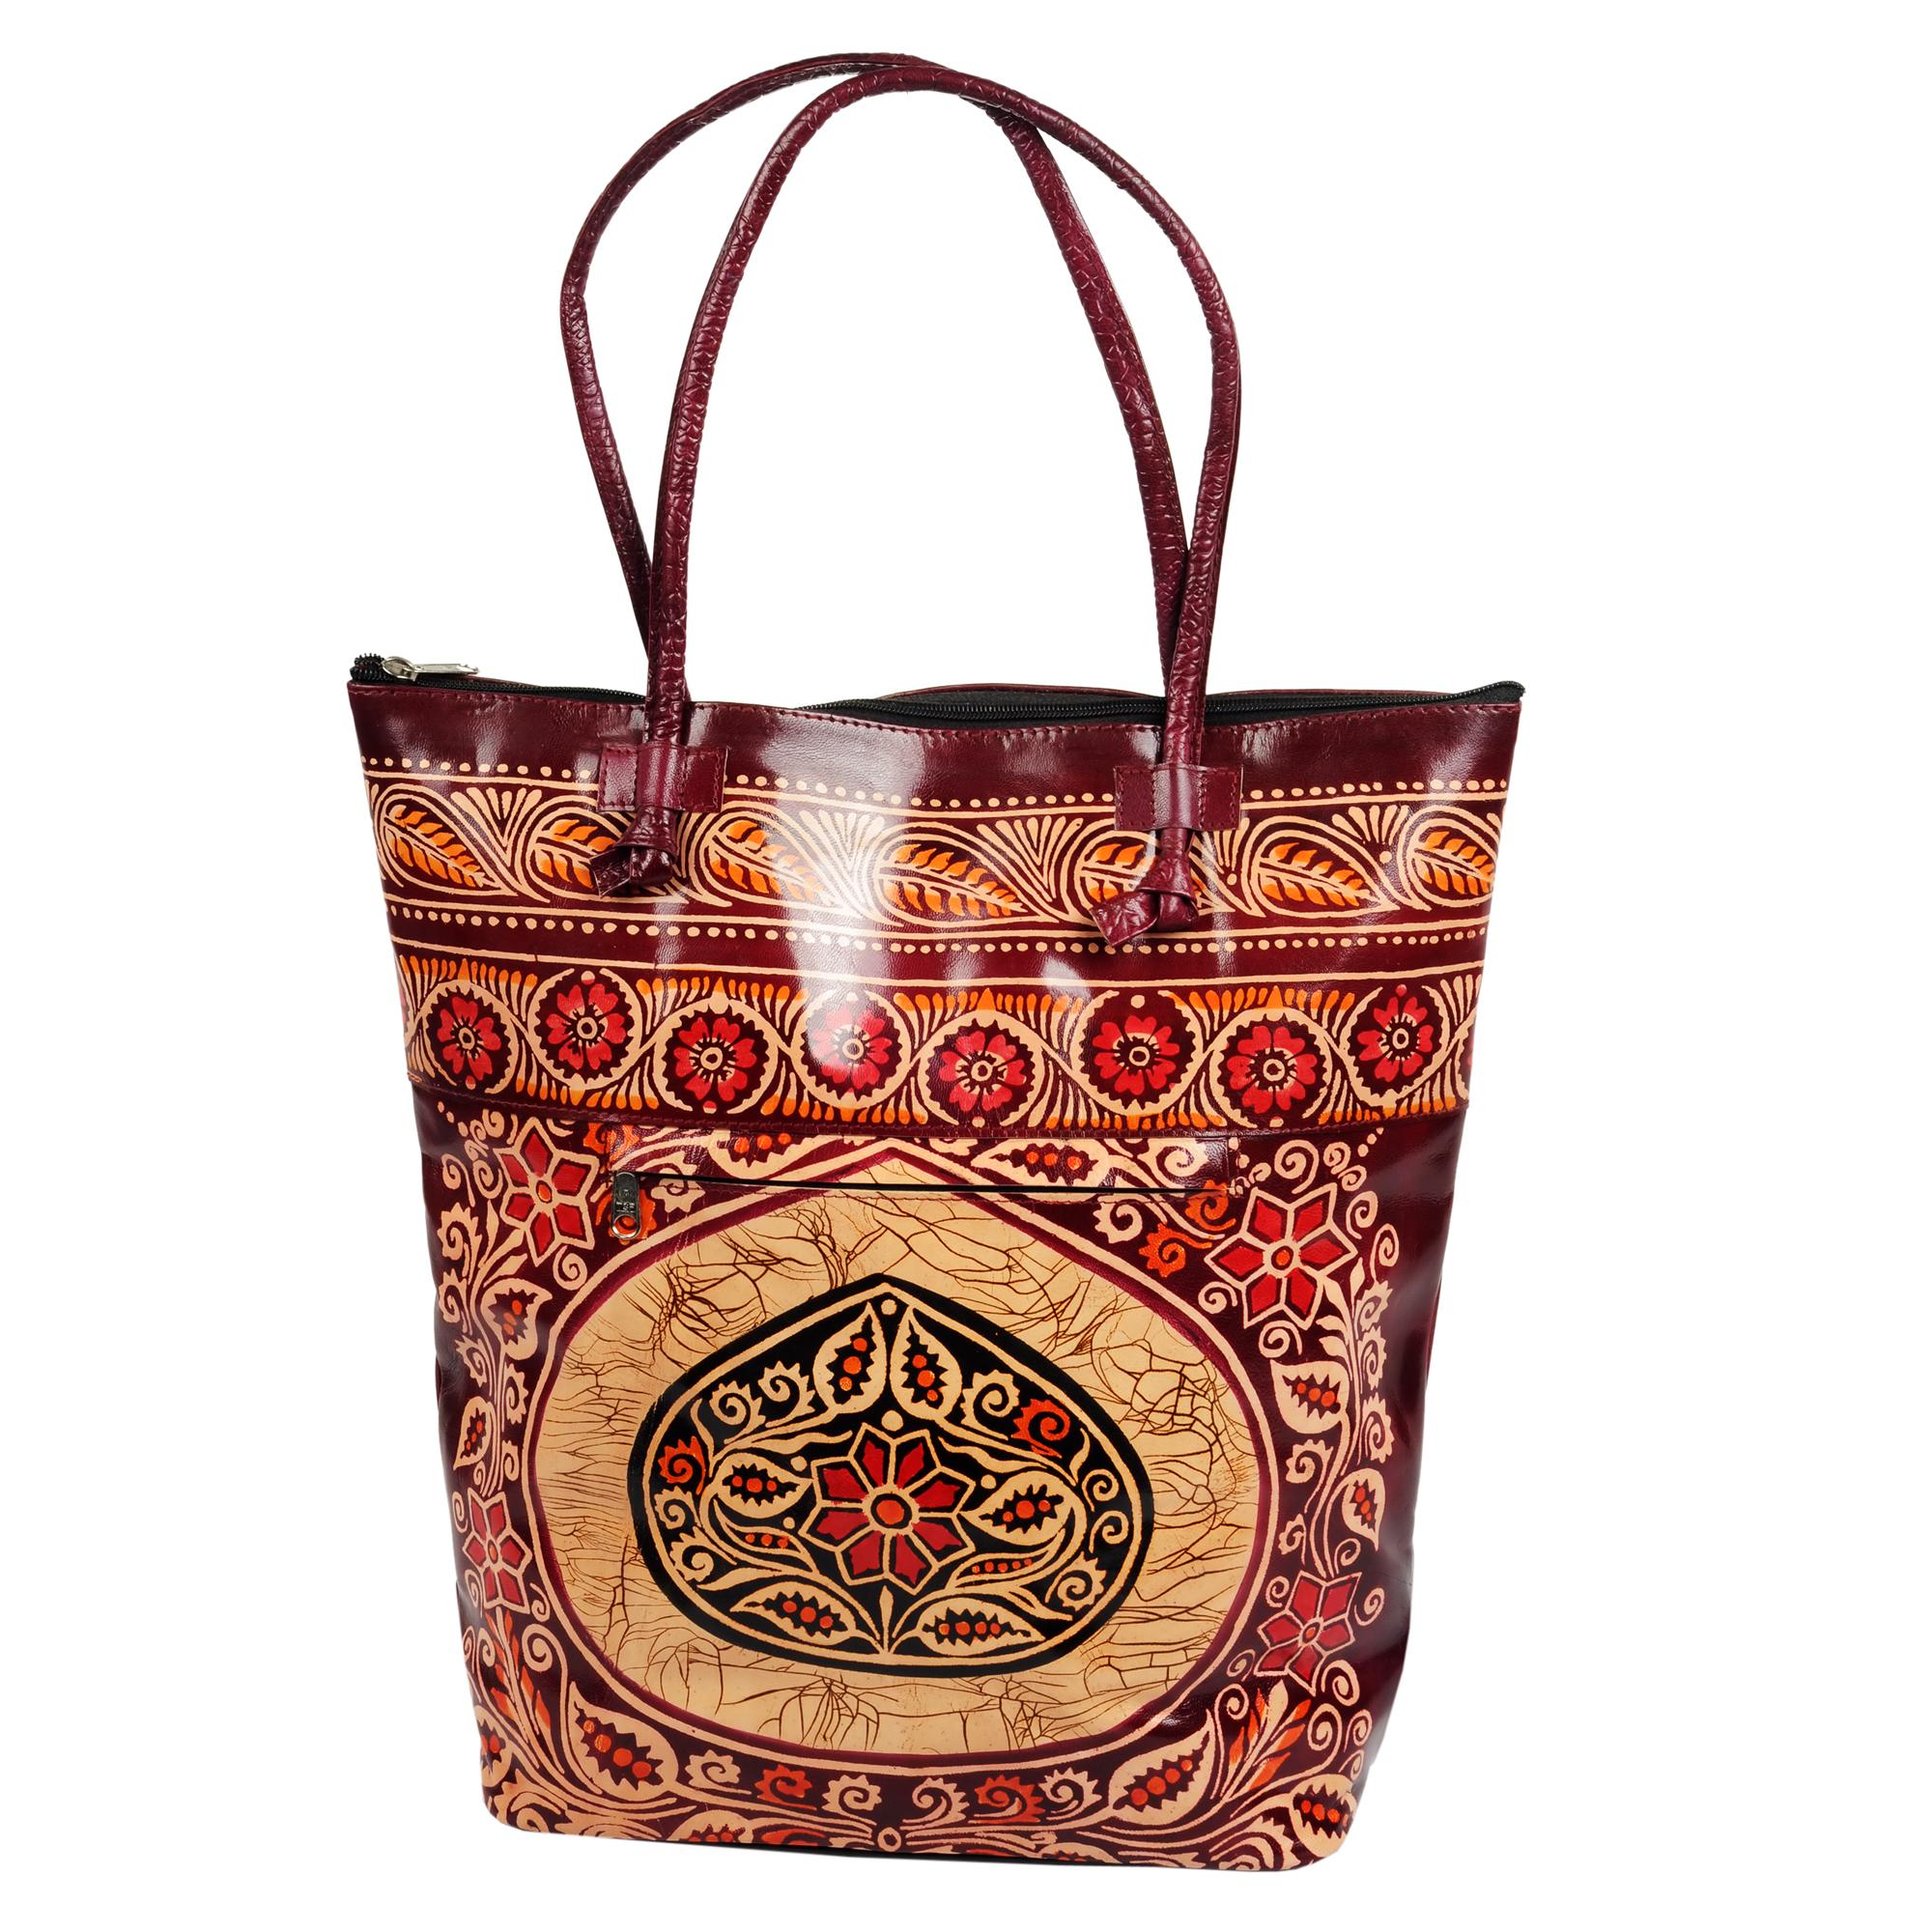 Batik Indian Shantiniketan Tote Bag